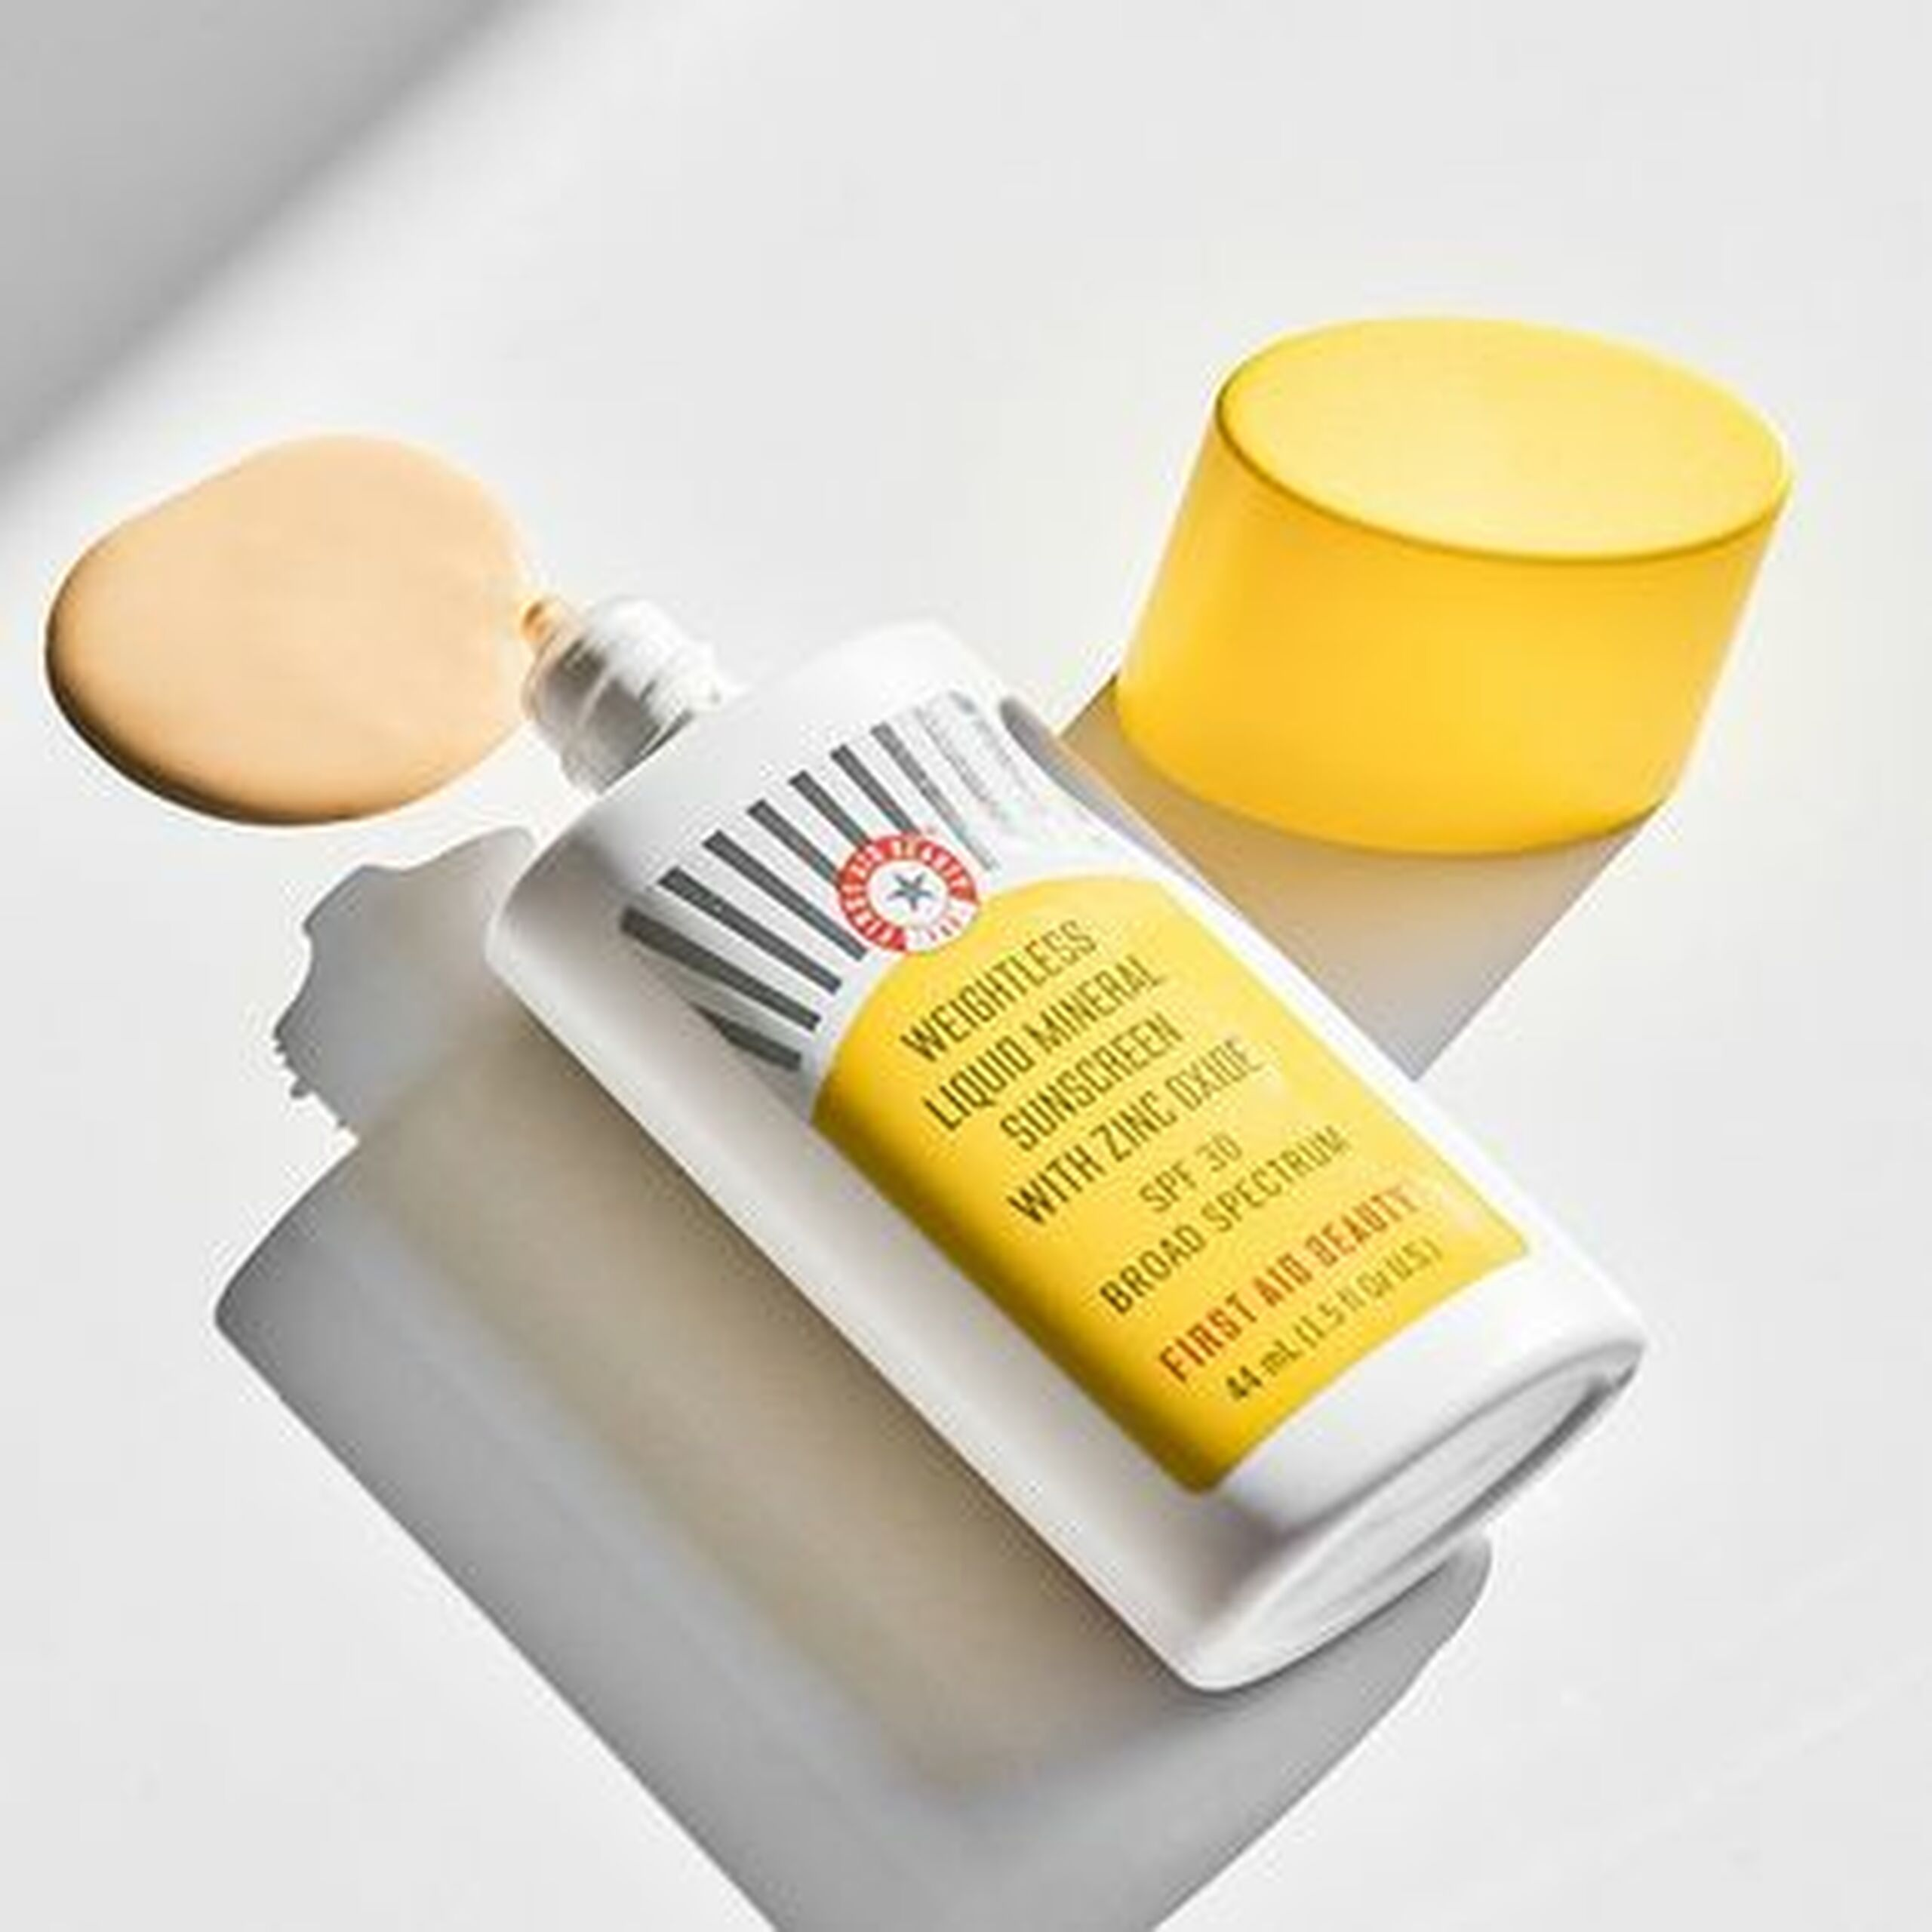 firstaidbeauty.com - Weightless Liquid Mineral Sunscreen with Zinc Oxide SPF 30